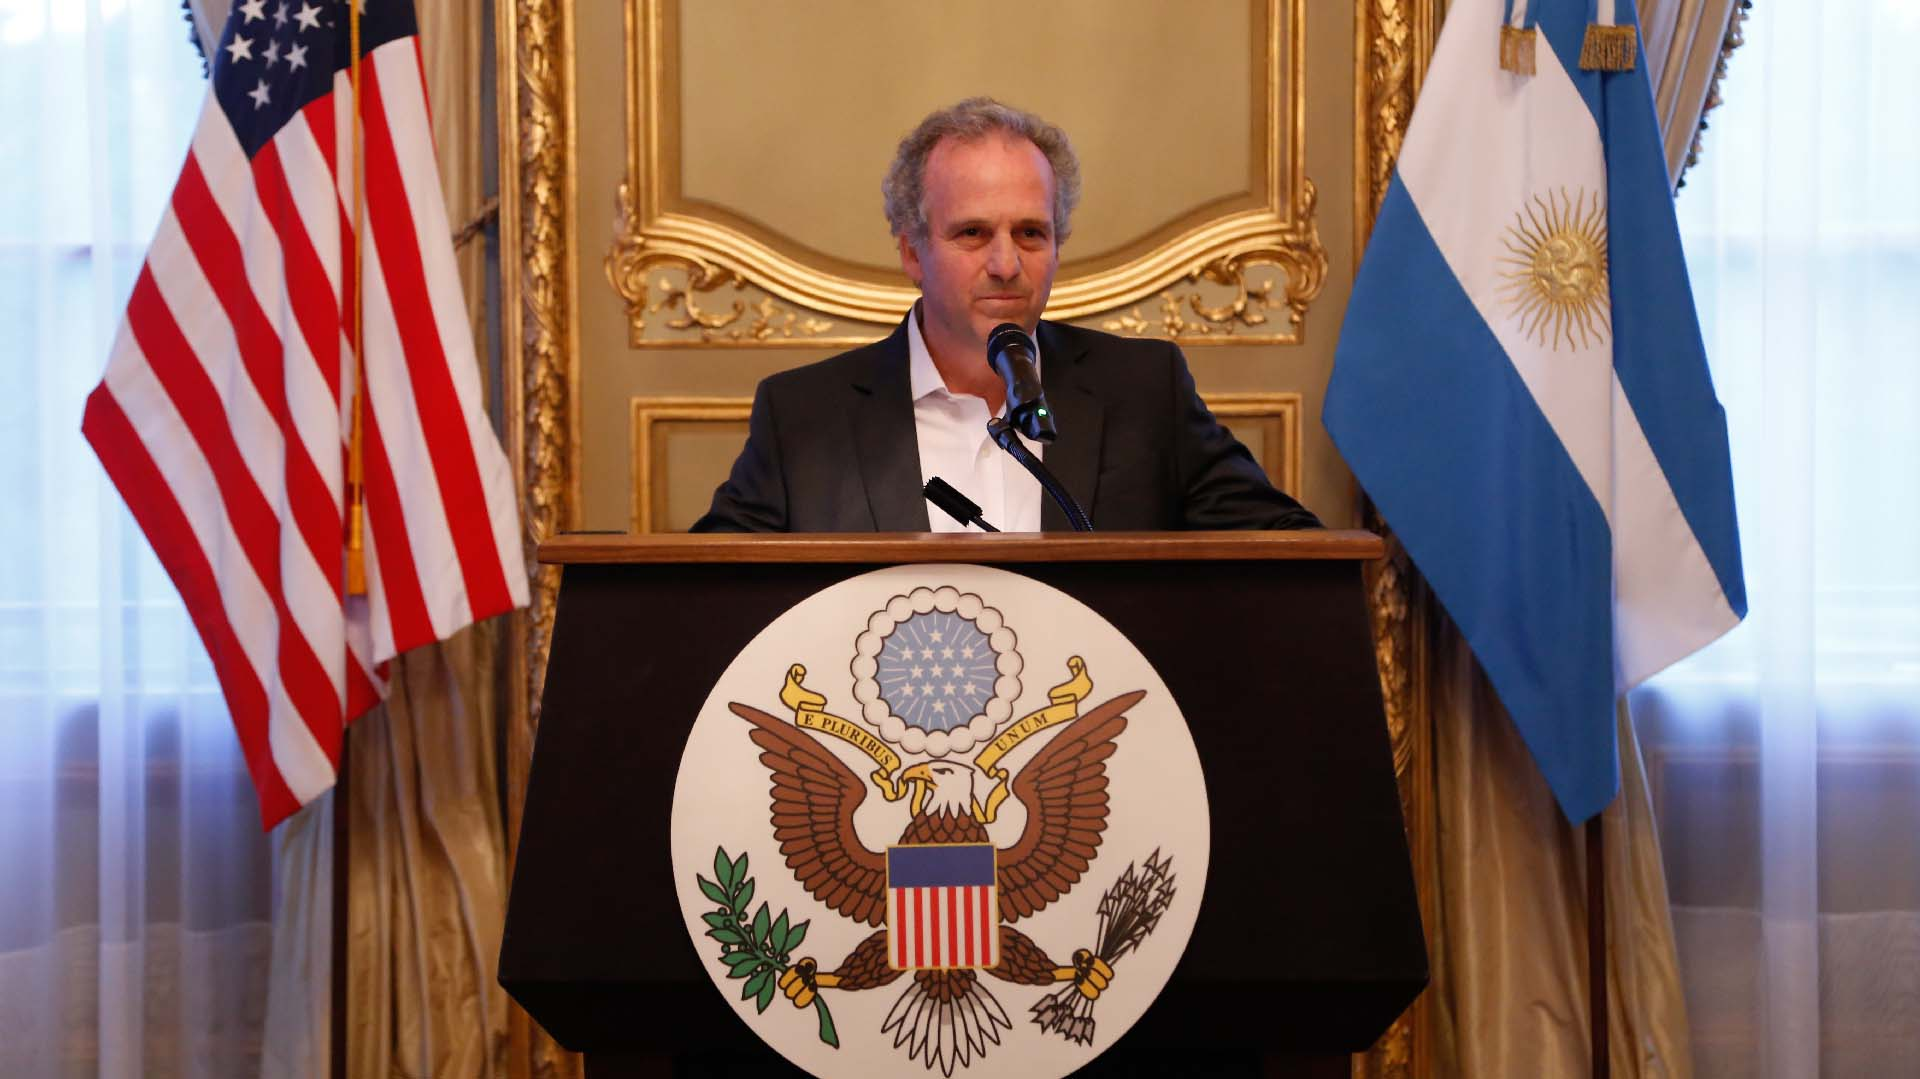 Roberto Alexander, presidente de la AmCham Argentina (general manager de IBM en la Argentina). El espíritu del evento giró alrededor de la celebración de la renovación de la democracia y del compromiso de AmCham con la articulación de las fuerzas políticas, para seguir fortaleciendo la institucionalidad de la Argentina